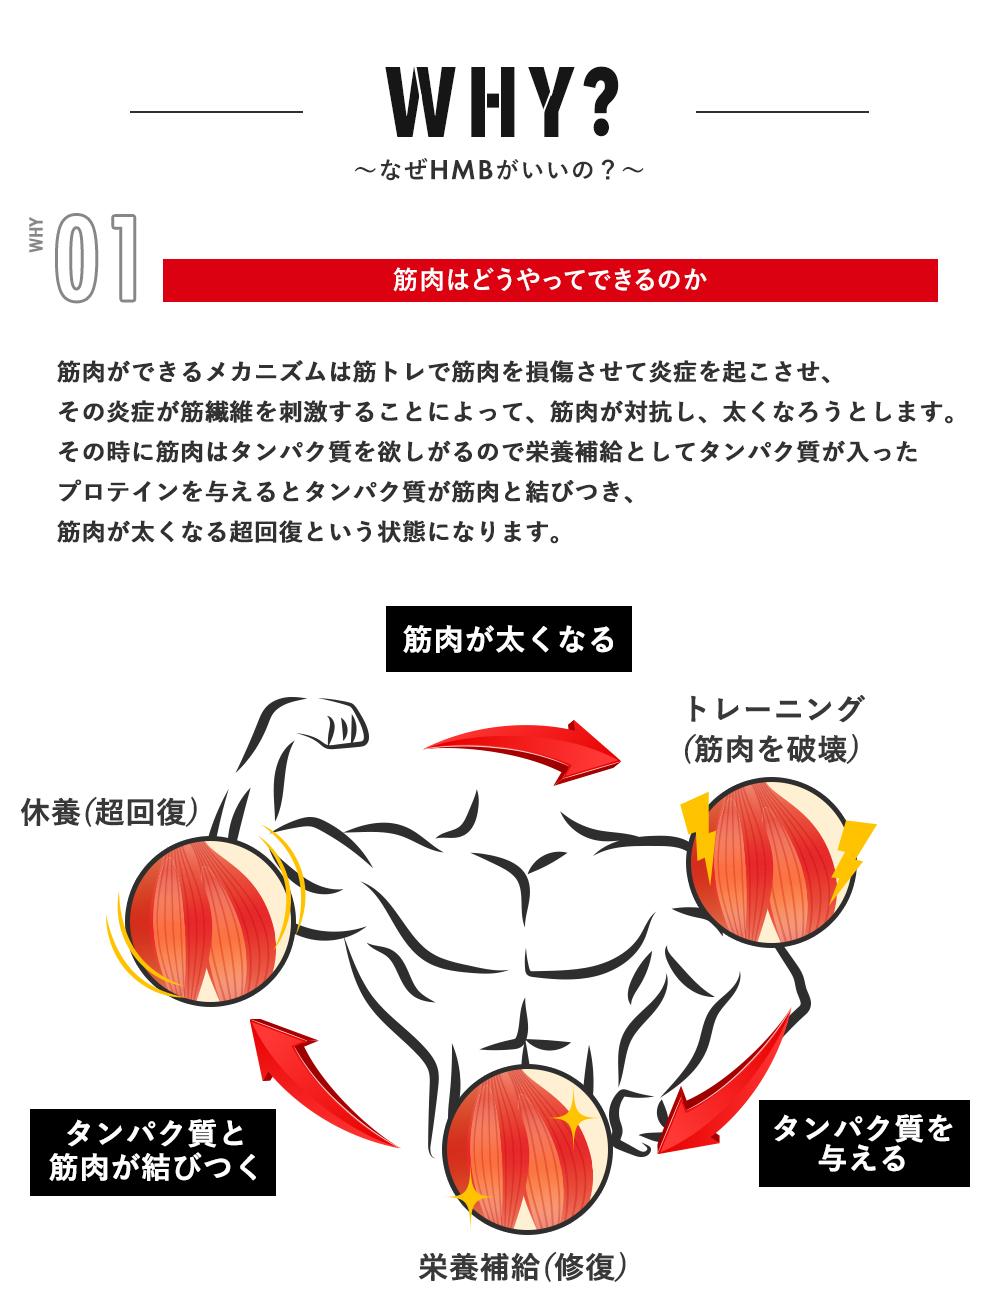 〜なぜHMBがいいの?〜WHY01:筋肉はどうやってできるのか。筋肉ができるメカニズムは筋トレで筋肉を損傷させて炎症を起こさせ、その炎症が筋繊維を刺激することによって、筋肉が対抗し、太くなろうとします。その時に筋肉はタンパク質を欲しがるので栄養補給としてタンパク質が入ったプロテインを与えるとタンパク質が筋肉と結びつき、筋肉が太くなる超回復という状態になります。